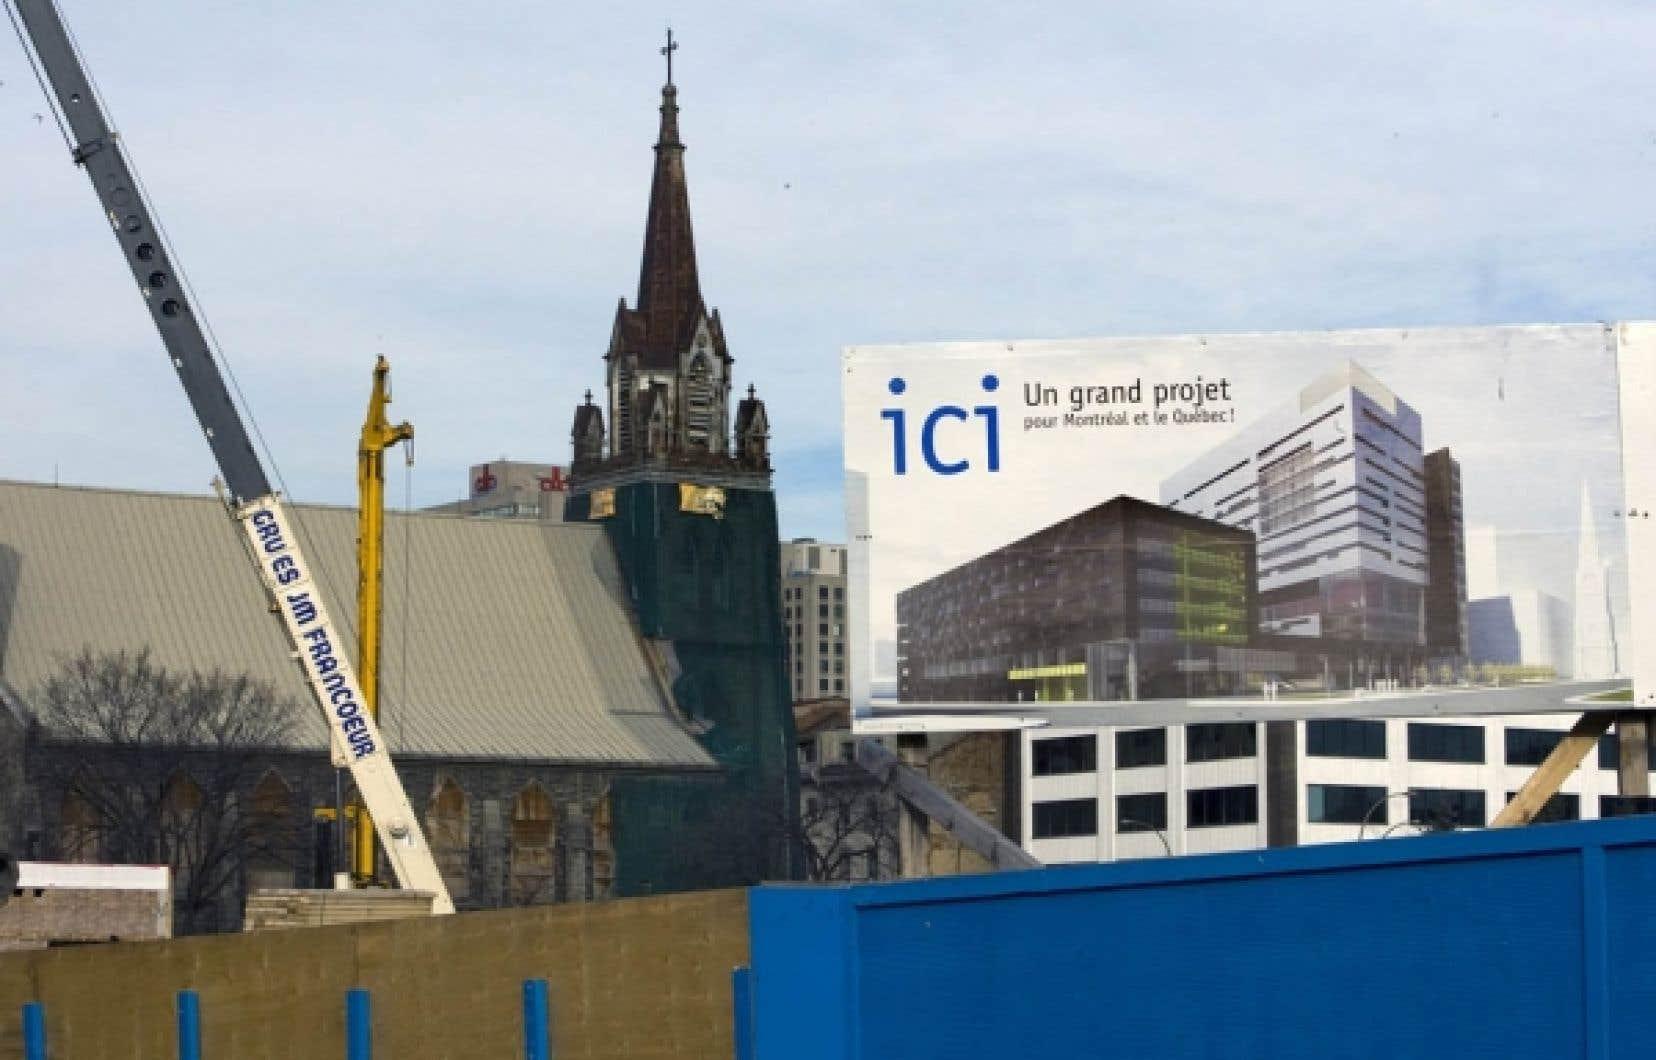 Le projet de construction du Centre hospitalier de l'Université de Montréal (CHUM) a beau connaître de nombreuses difficultés de réalisation, dont une explosion des coûts et un report constant des travaux, le gouvernement Charest estime que le gestionnaire responsable du dossier mérite une prime au rendement de quelque 37 000 $ par année.